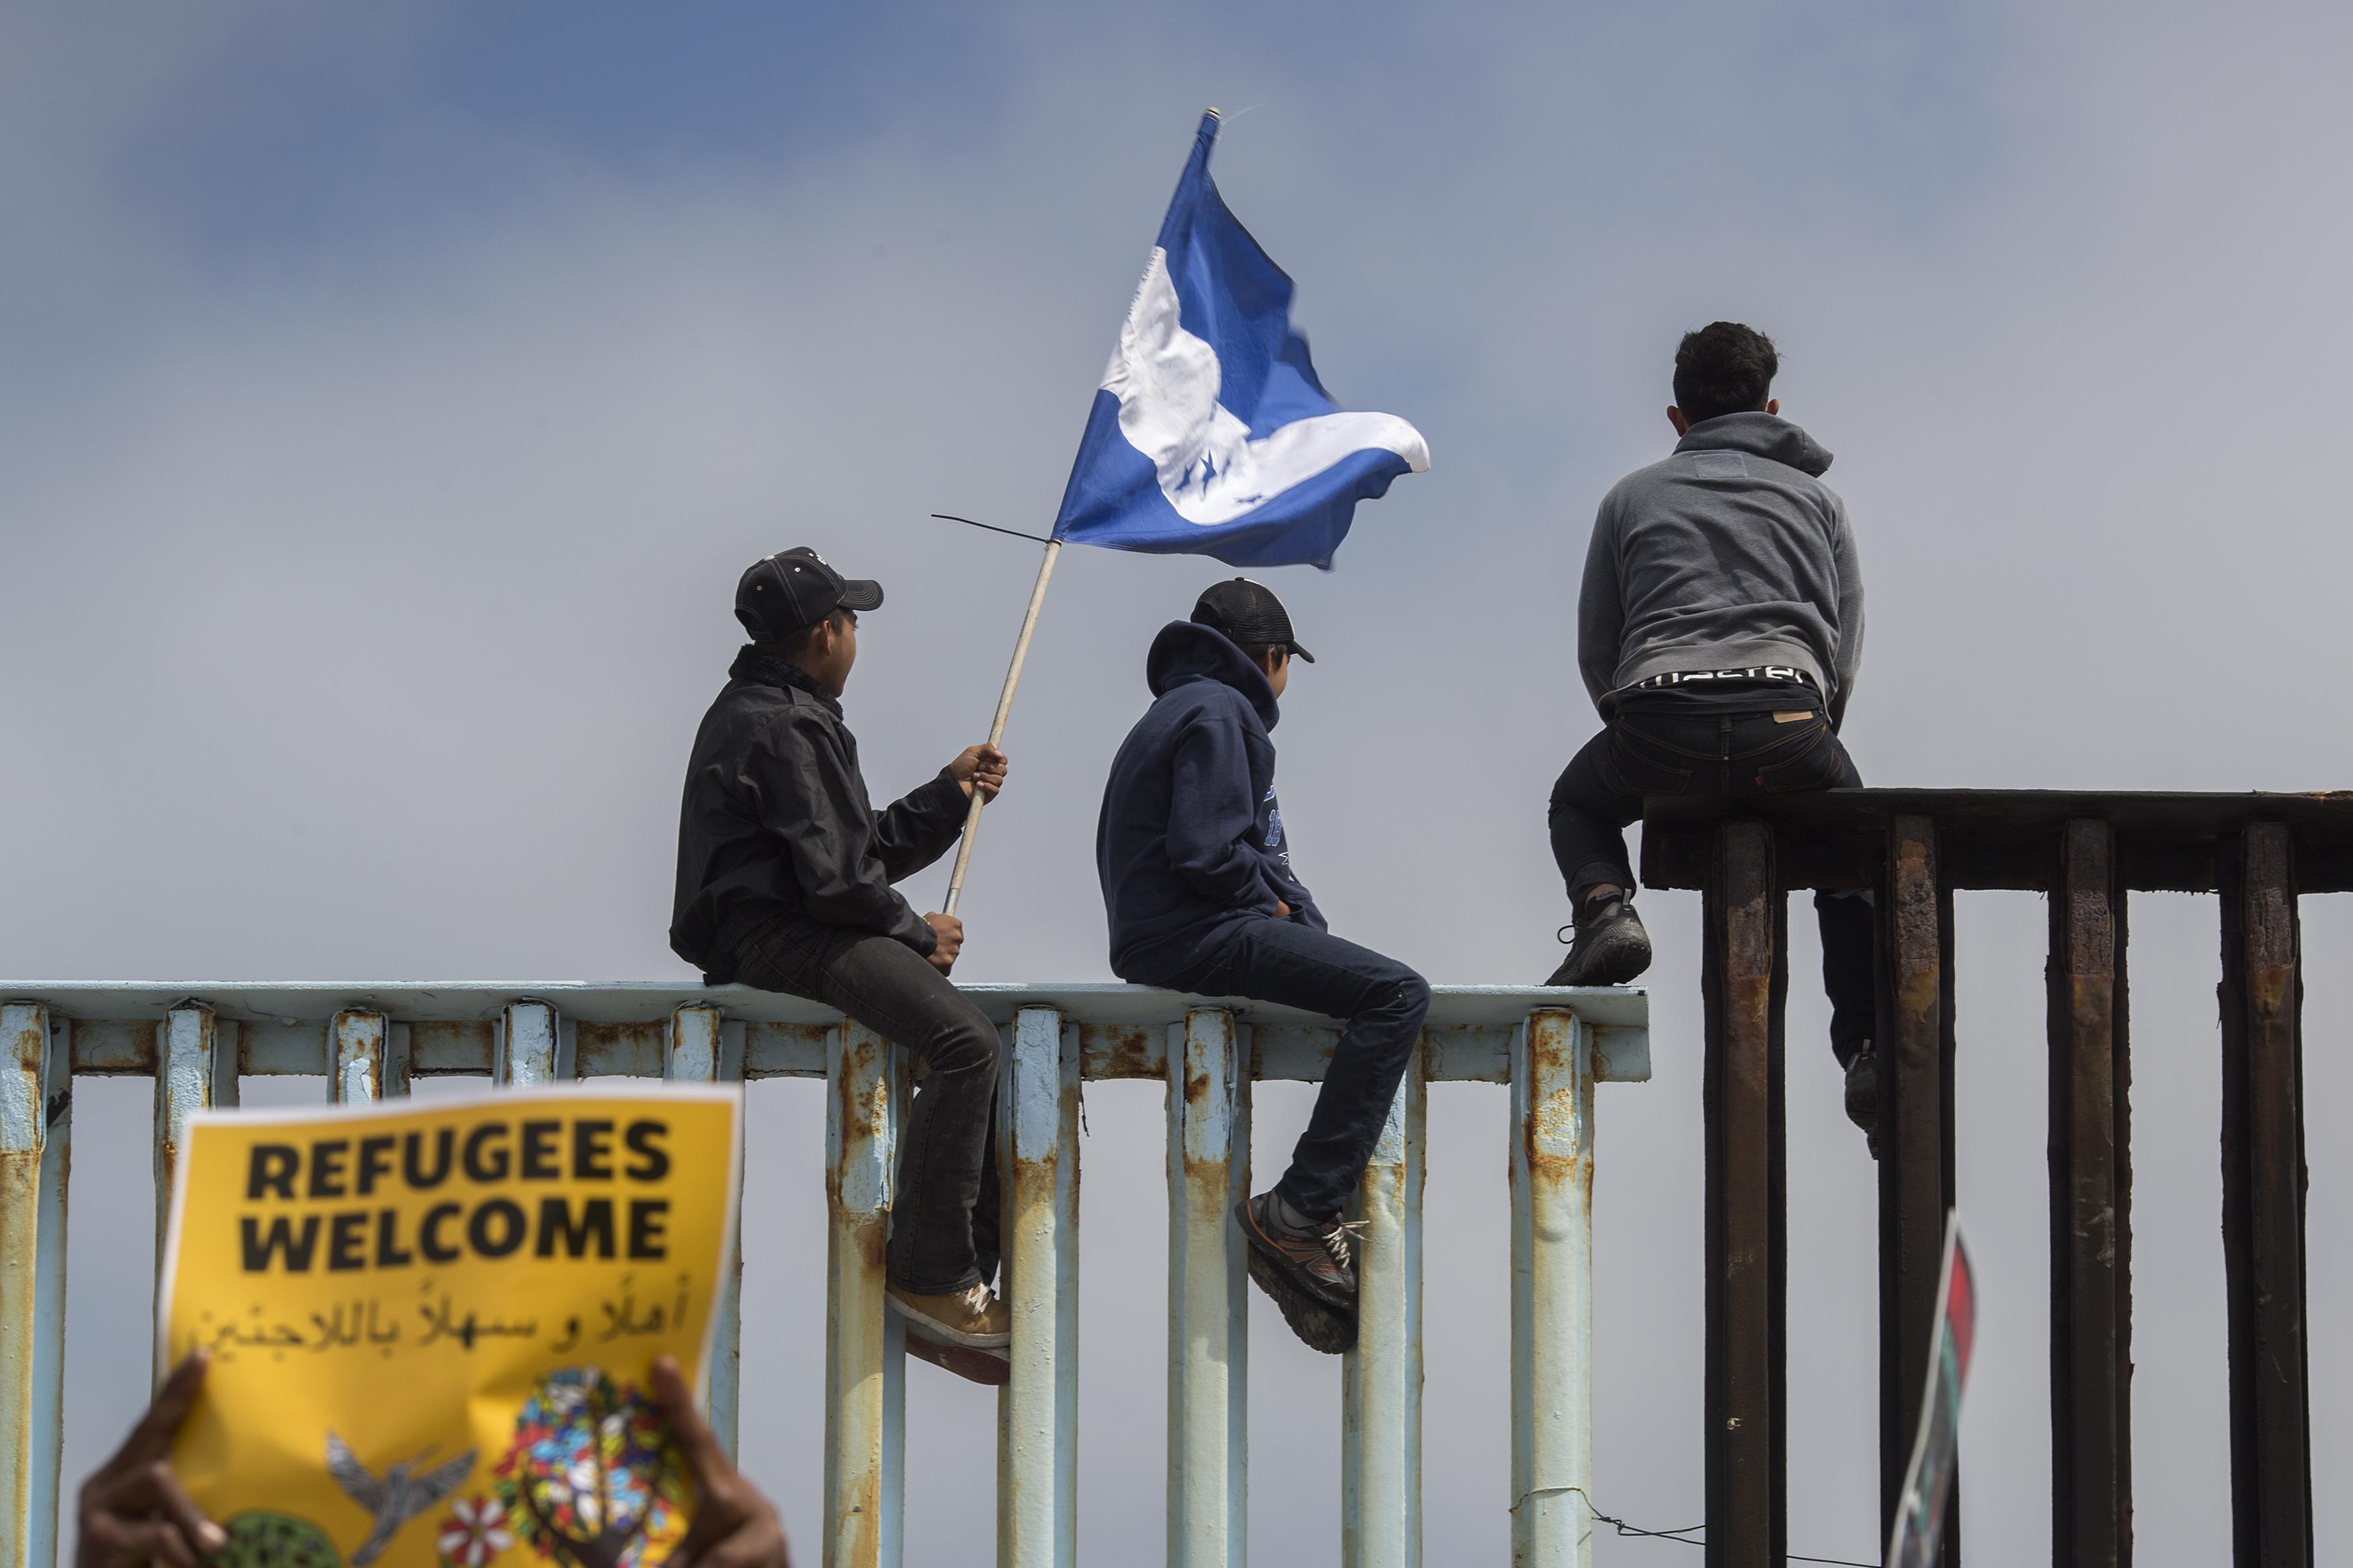 萬名大篷車成員抵美邊境 內藏五百多罪犯